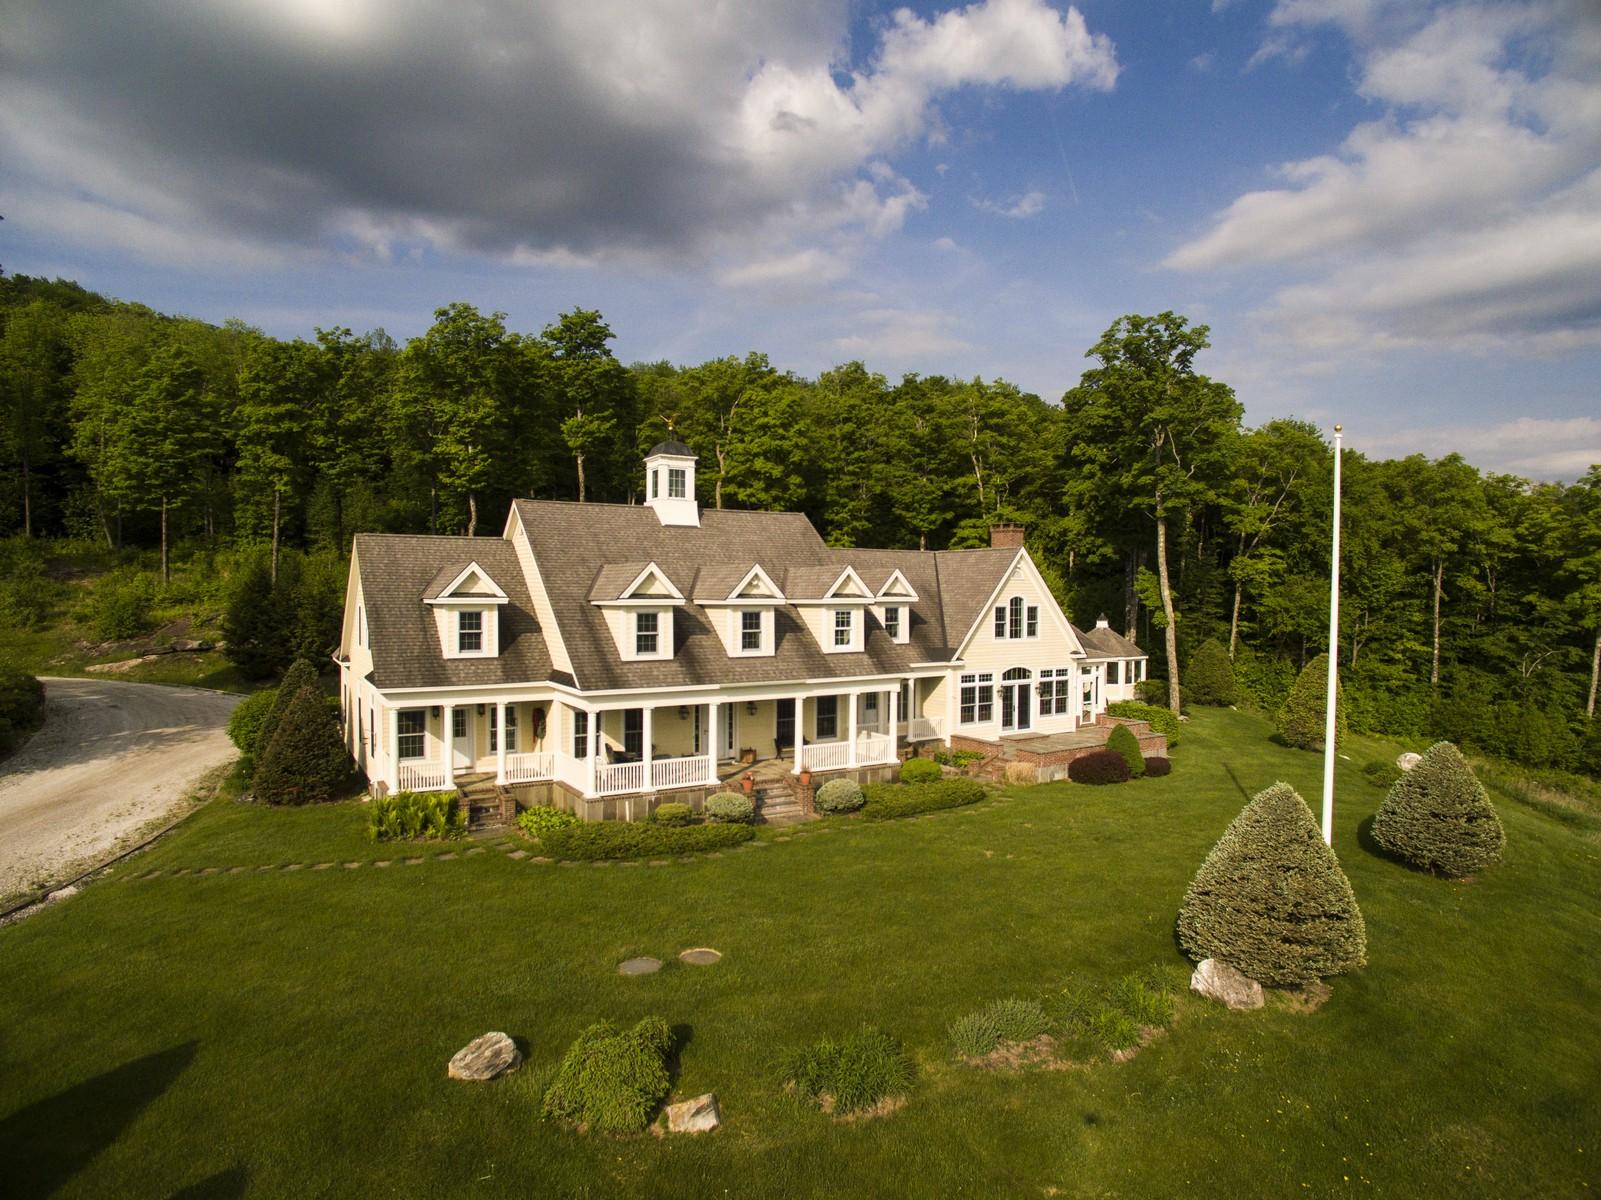 Maison unifamiliale pour l Vente à 1108 West Hill Road North, Jamaica Jamaica, Vermont, 05343 États-Unis